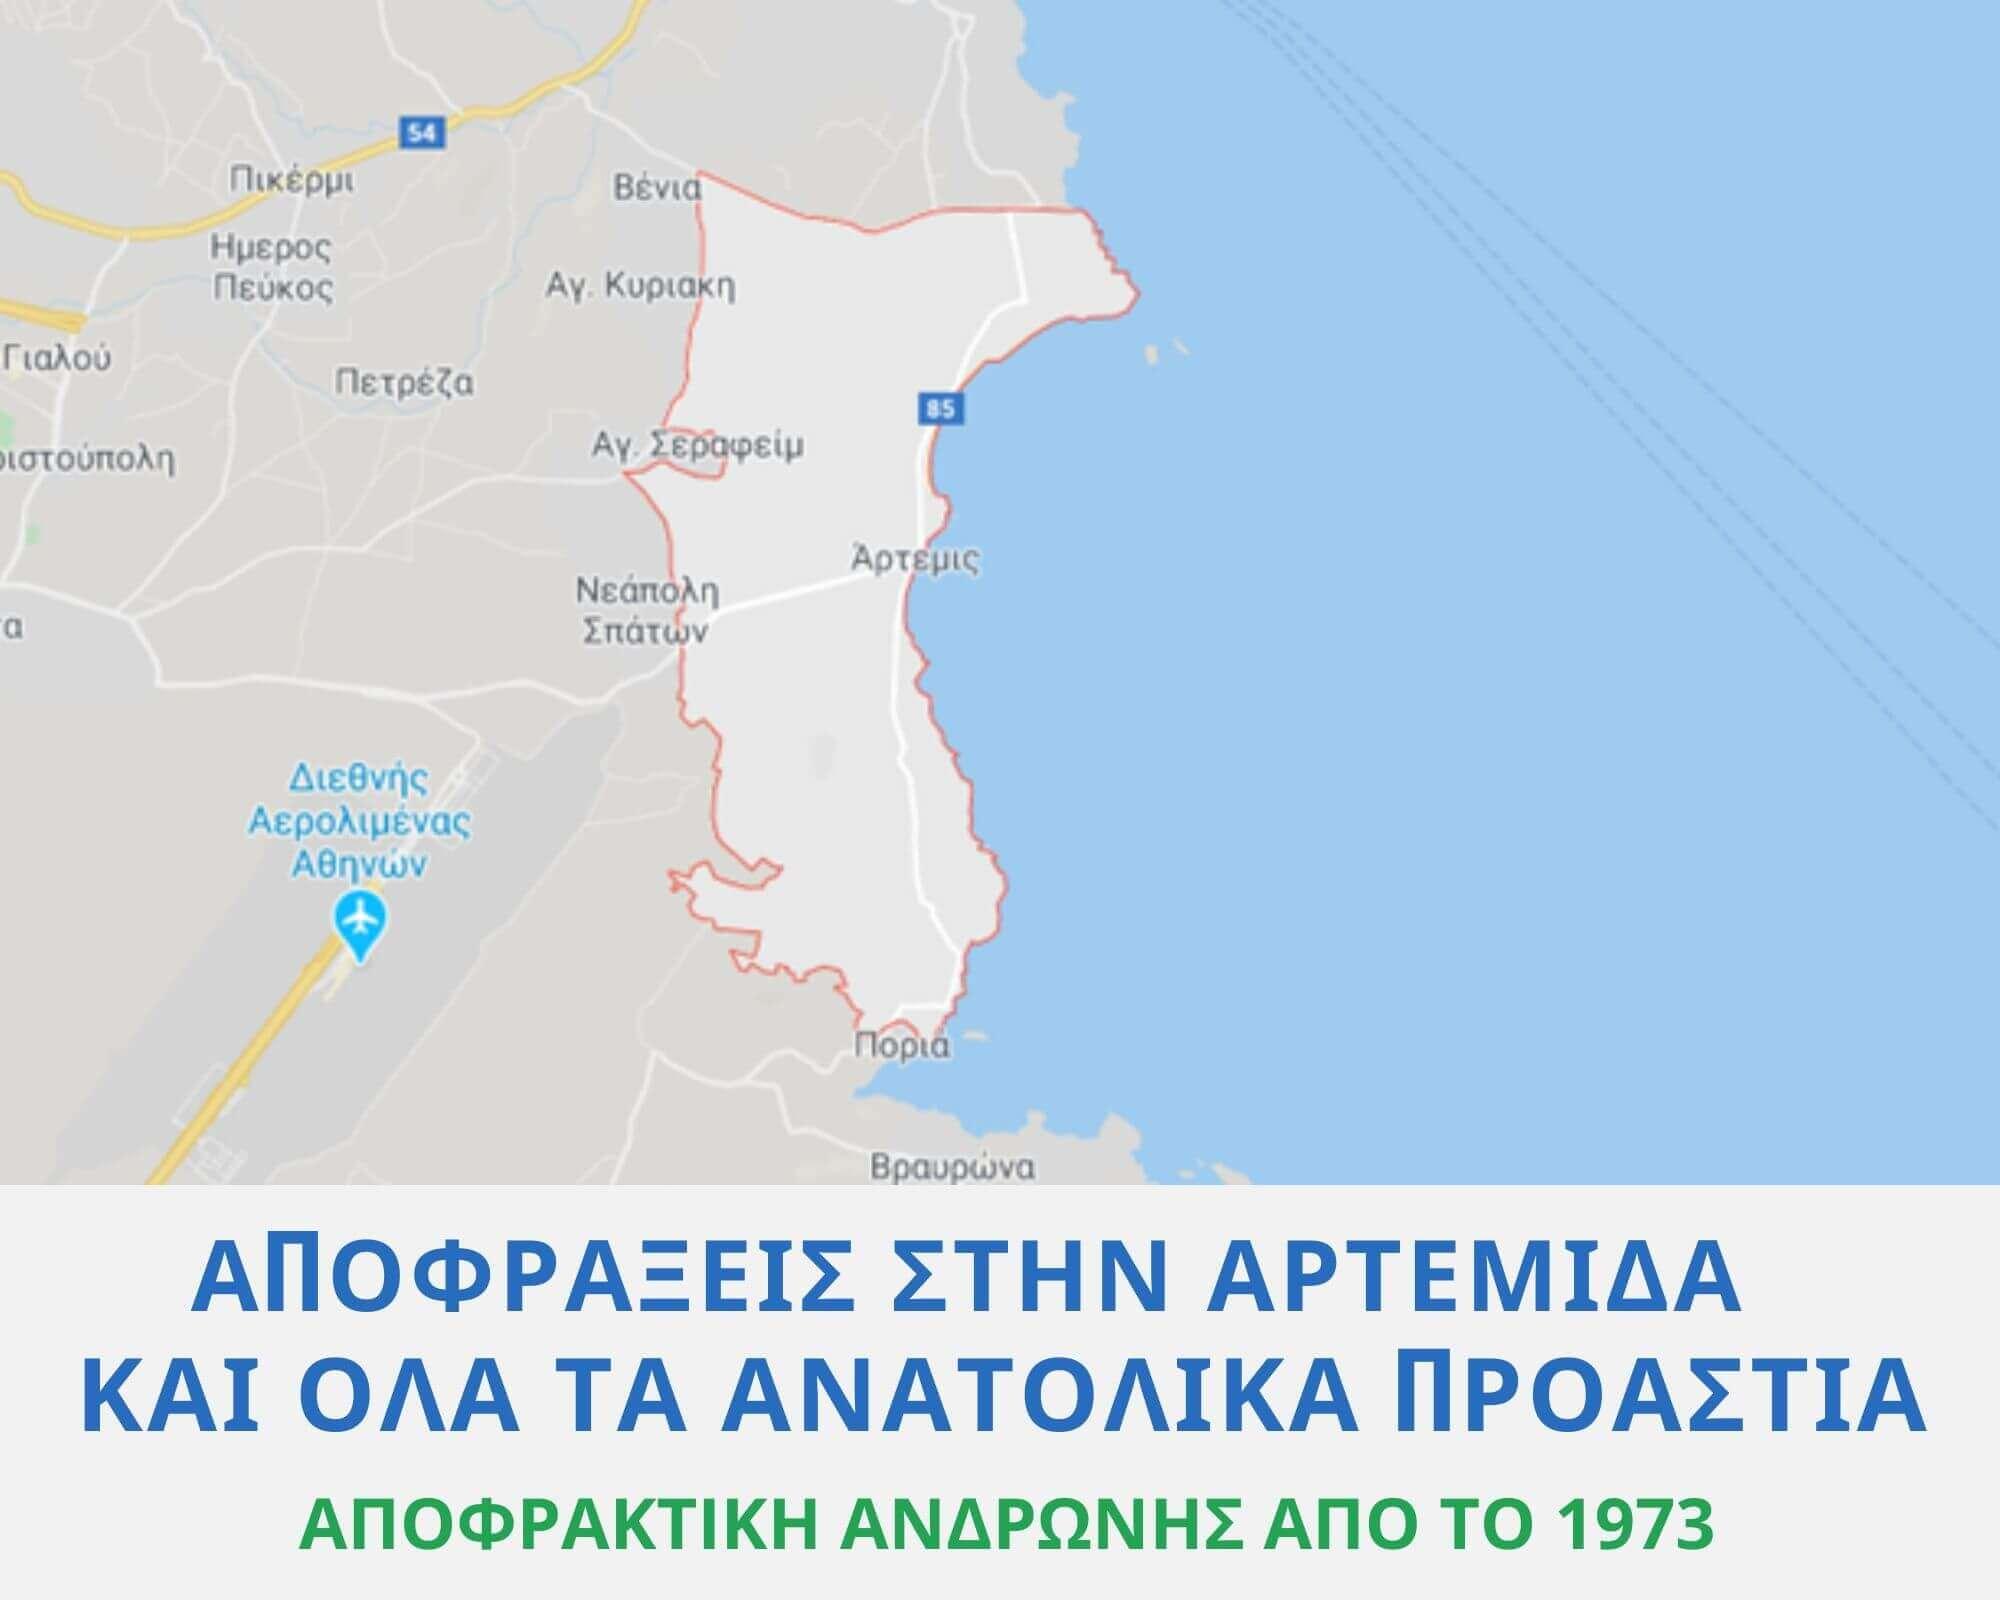 Αποφράξεις Αρτέμιδα - 213.02.50.818 - Αποφράξεις Αθήνα